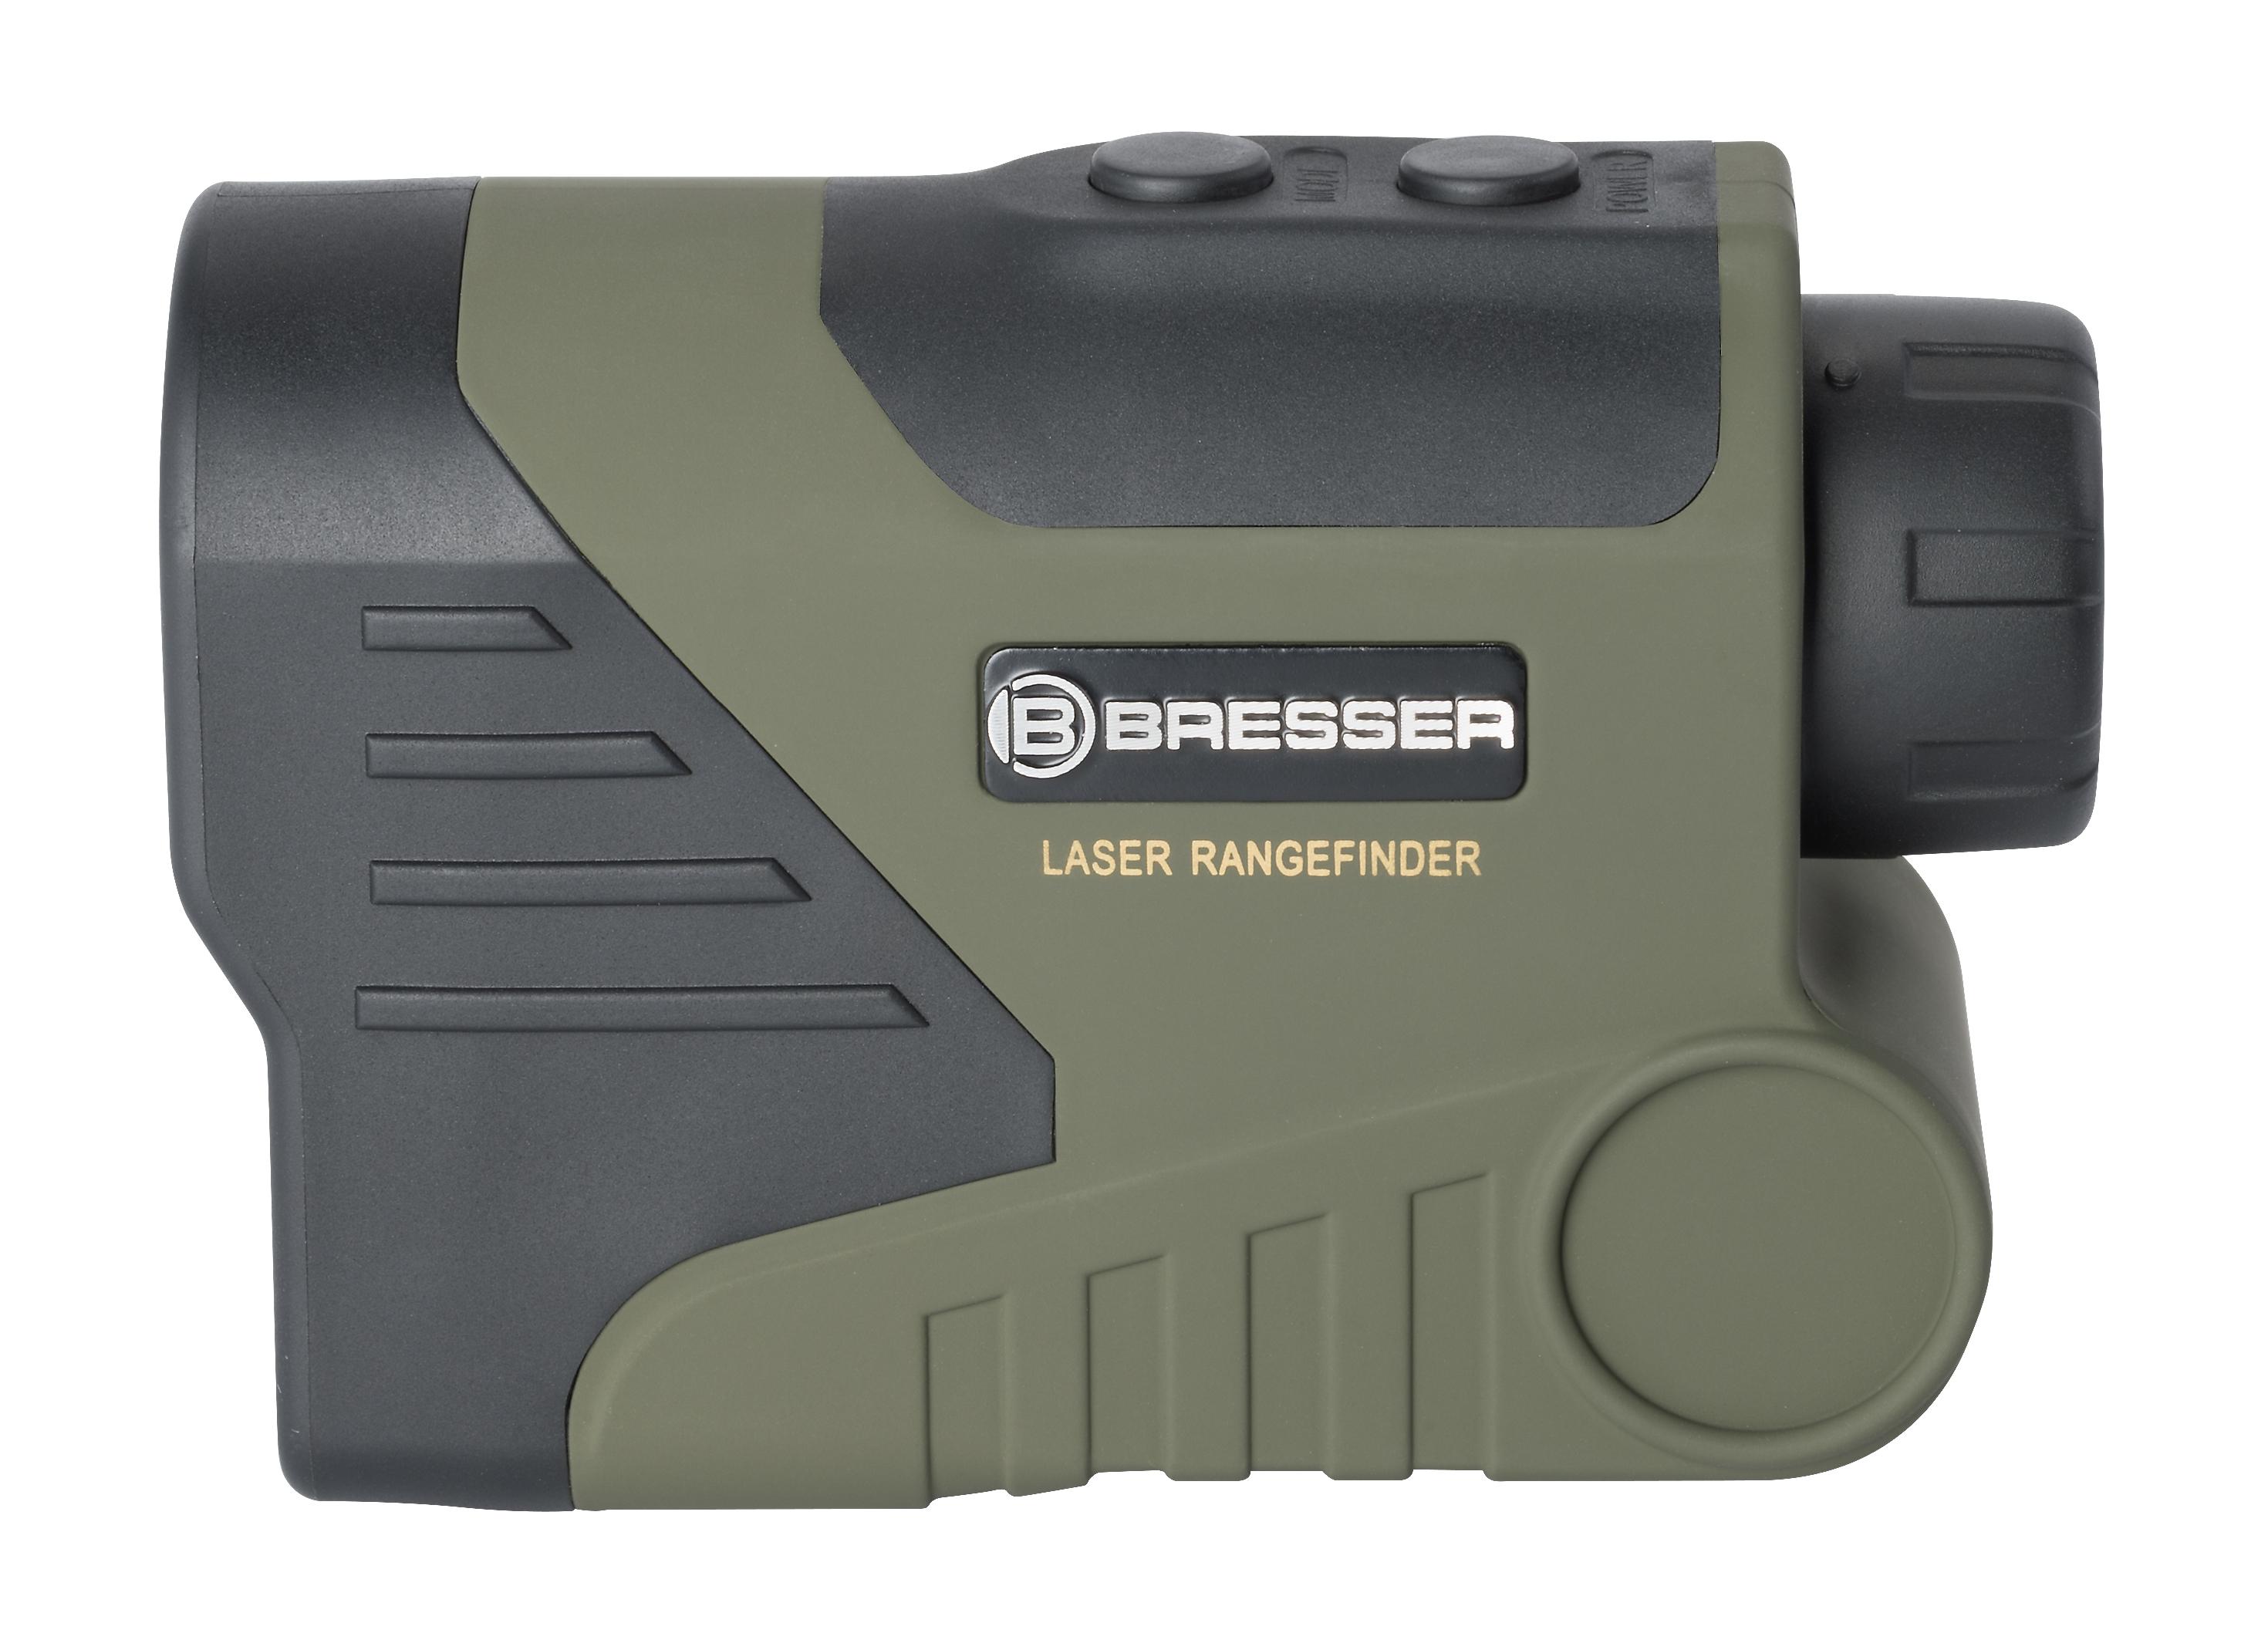 Entfernungsmesser Bresser : Bresser entfernungs speedmesser wp oled m